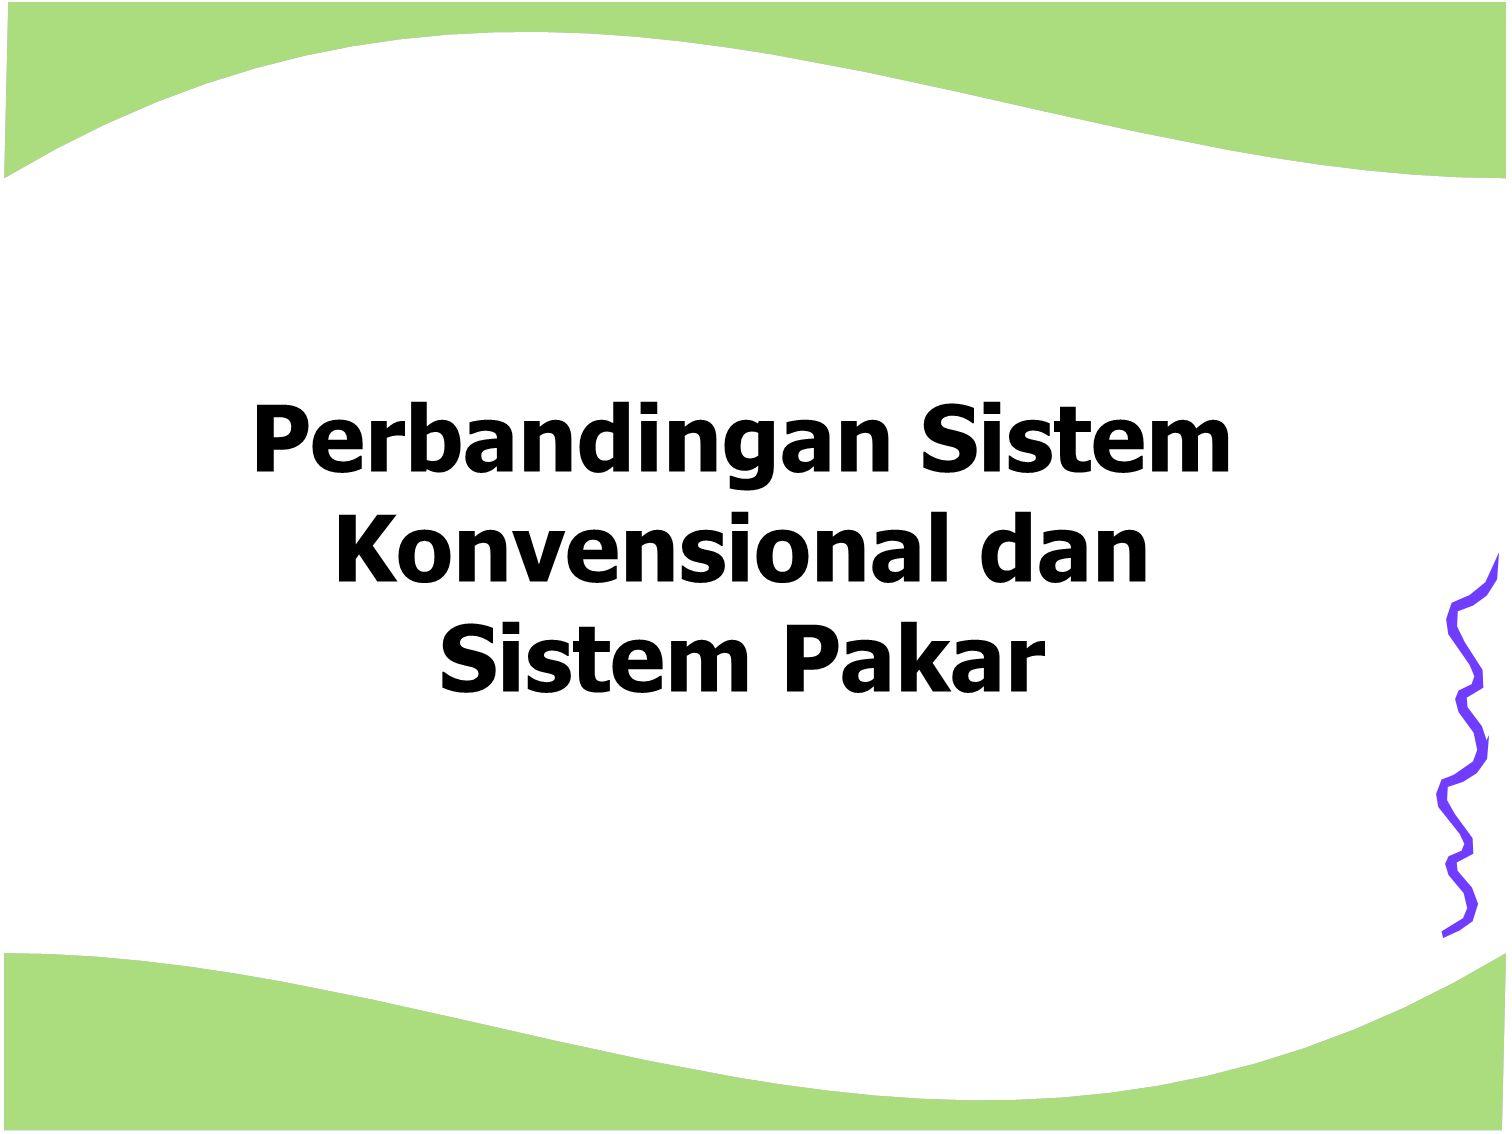 Perbedaan utama antara pemrograman konvensional dengan pengembangan Sistem Pakar Pemrograman konvensional Pengembangan Sistem Pakar Fokus pada SolusiFokus pada masalah Programmer bekerja sendirian Hasil Kerja Team SequentialIterative